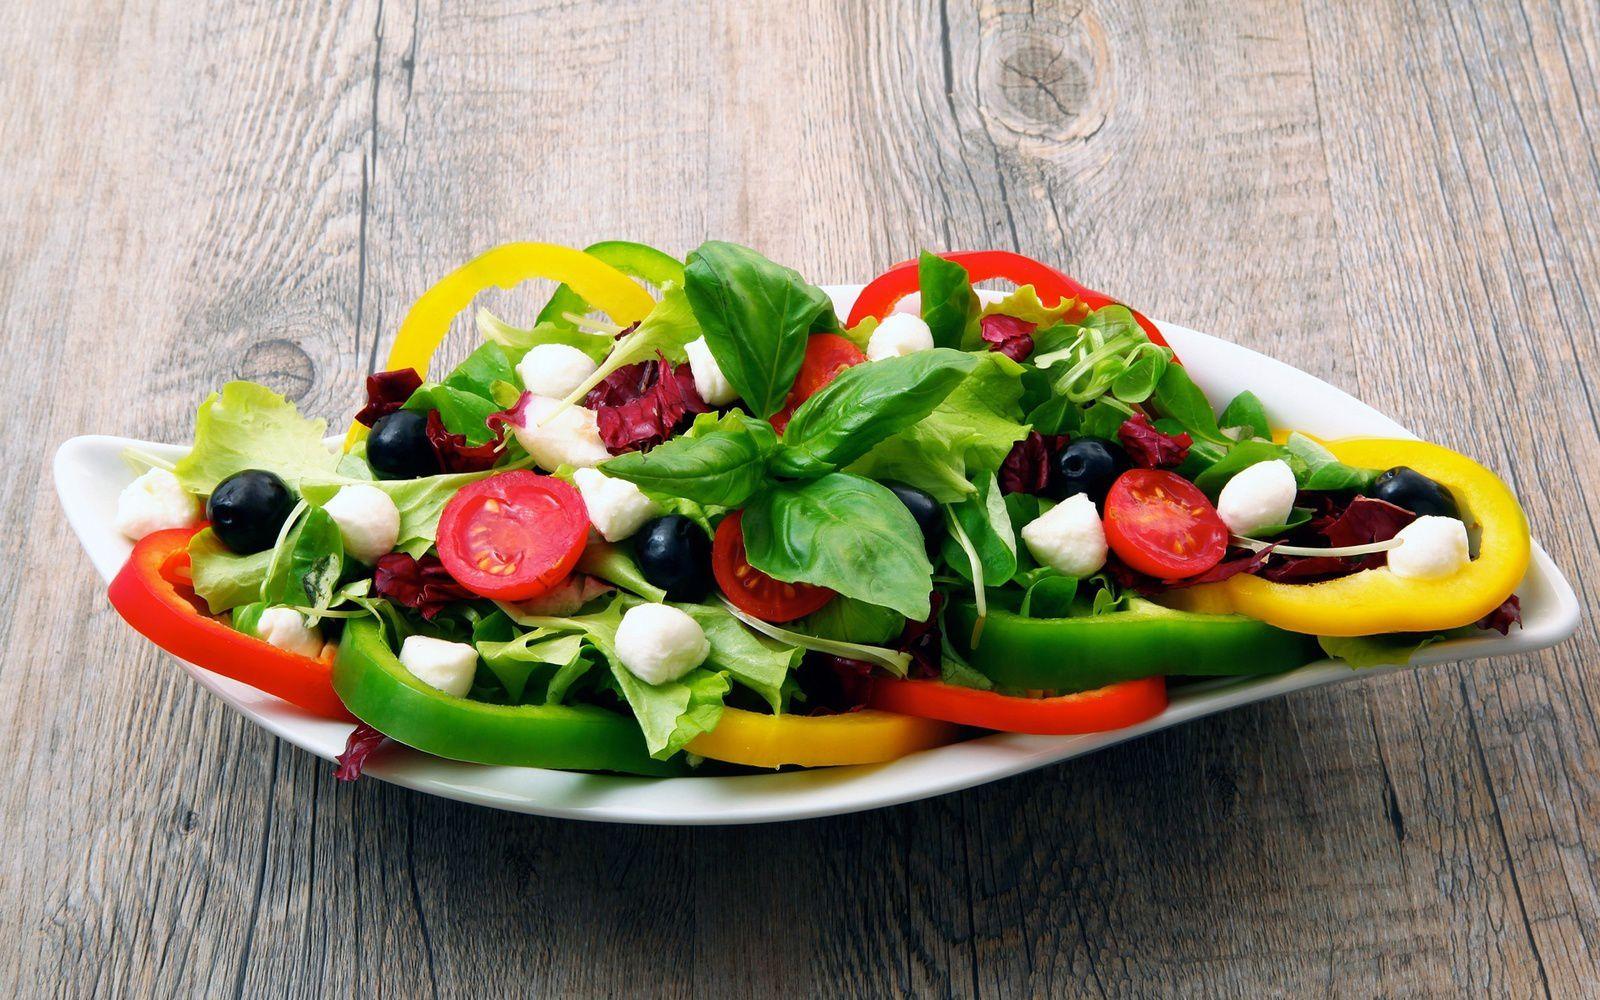 Bon appétit - Nourriture - Salade - Légumes - Wallpaper - Free